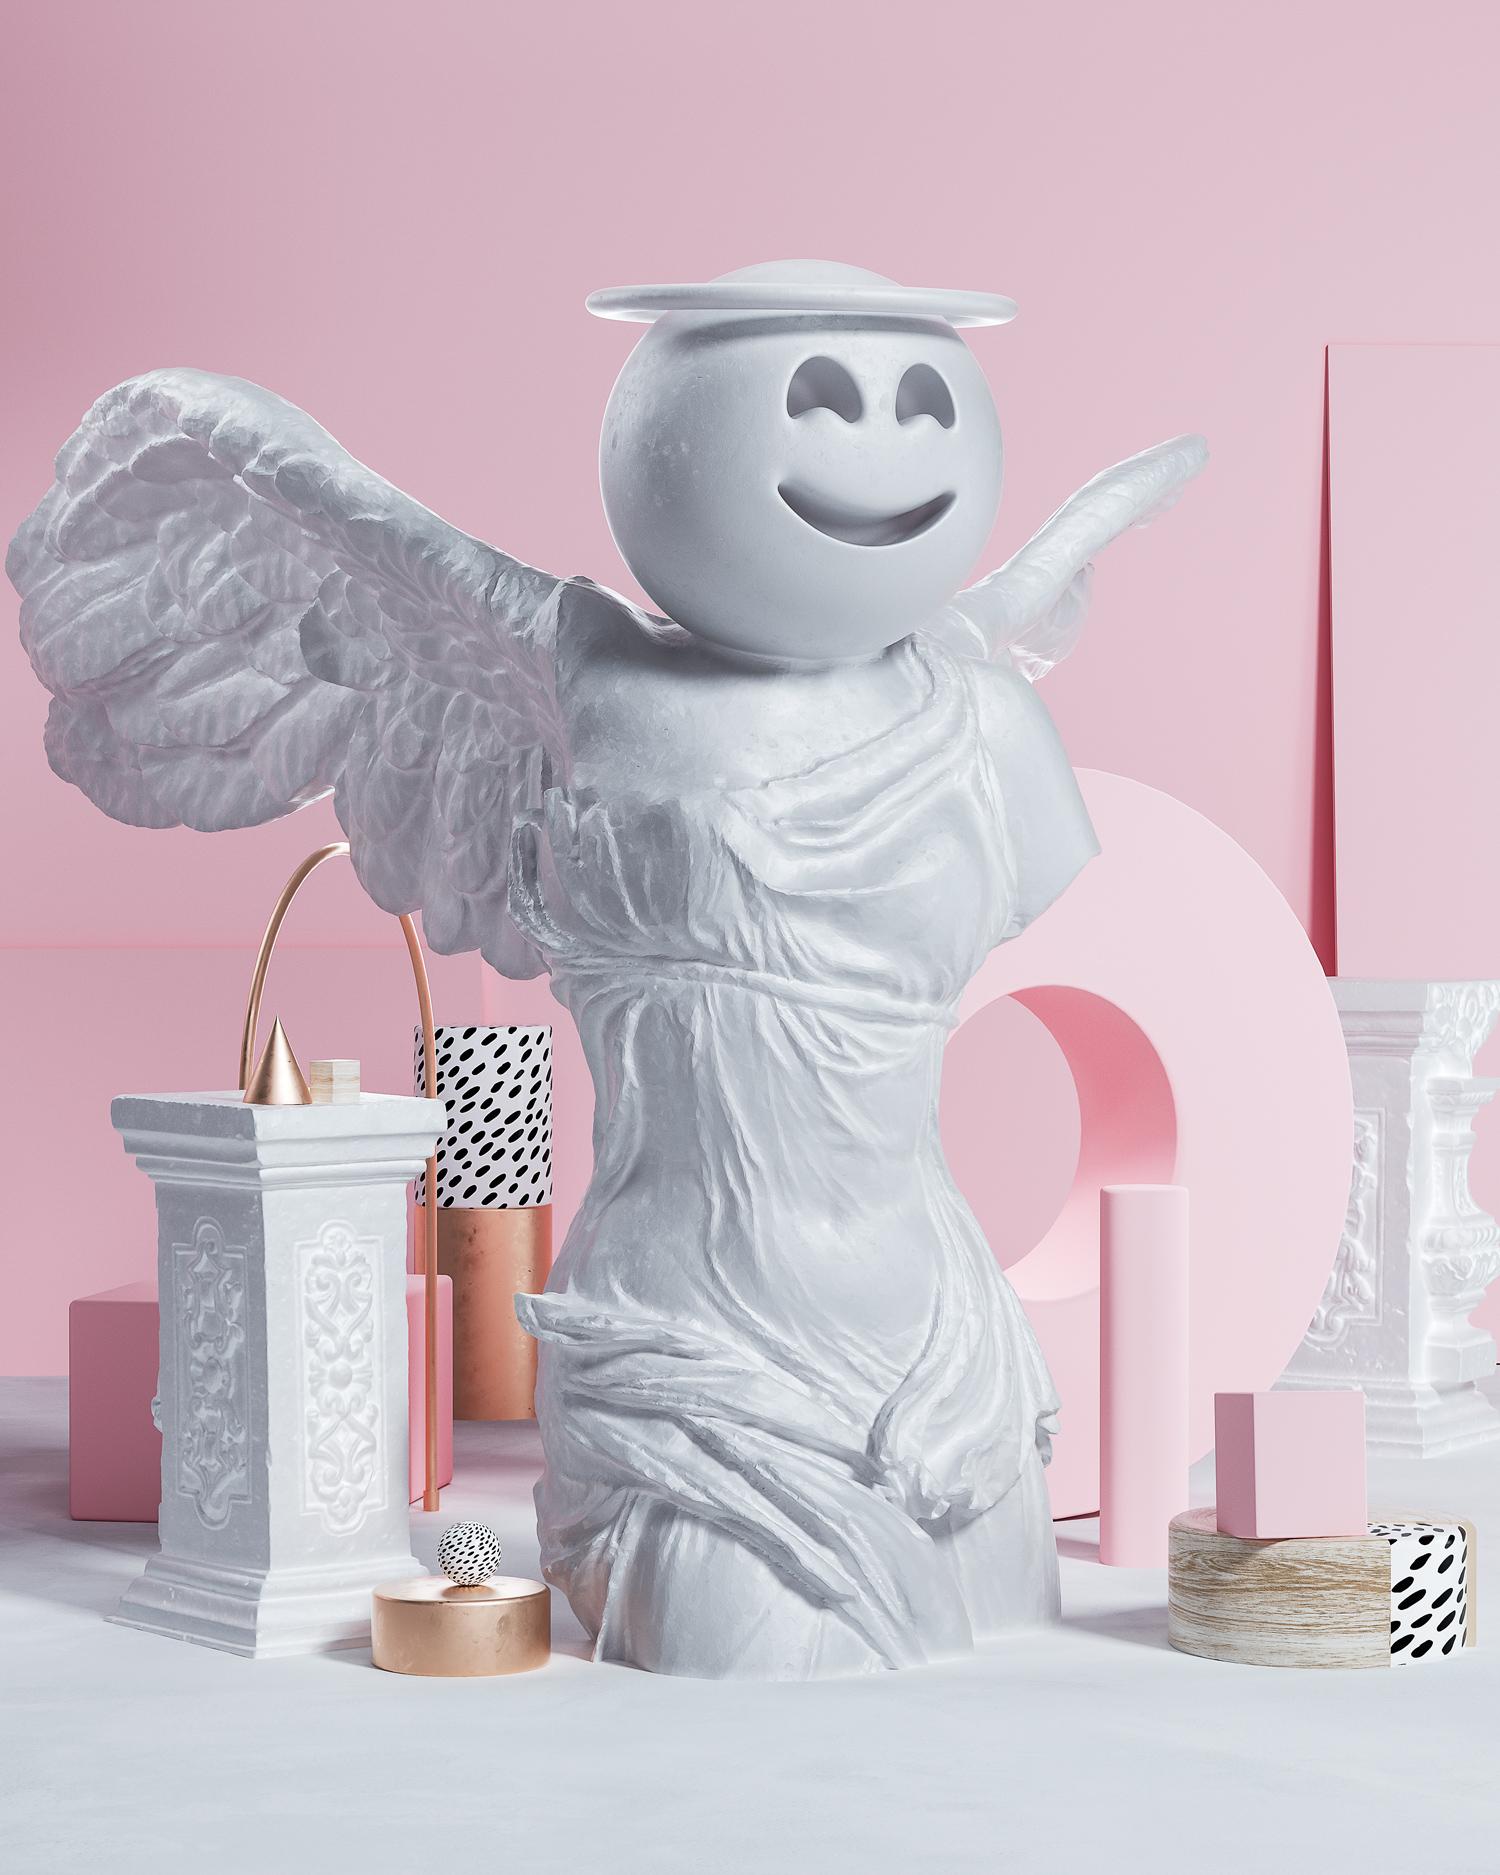 Sculptmojis_Ben-Fearnley_Scene_04_Crop.jpg